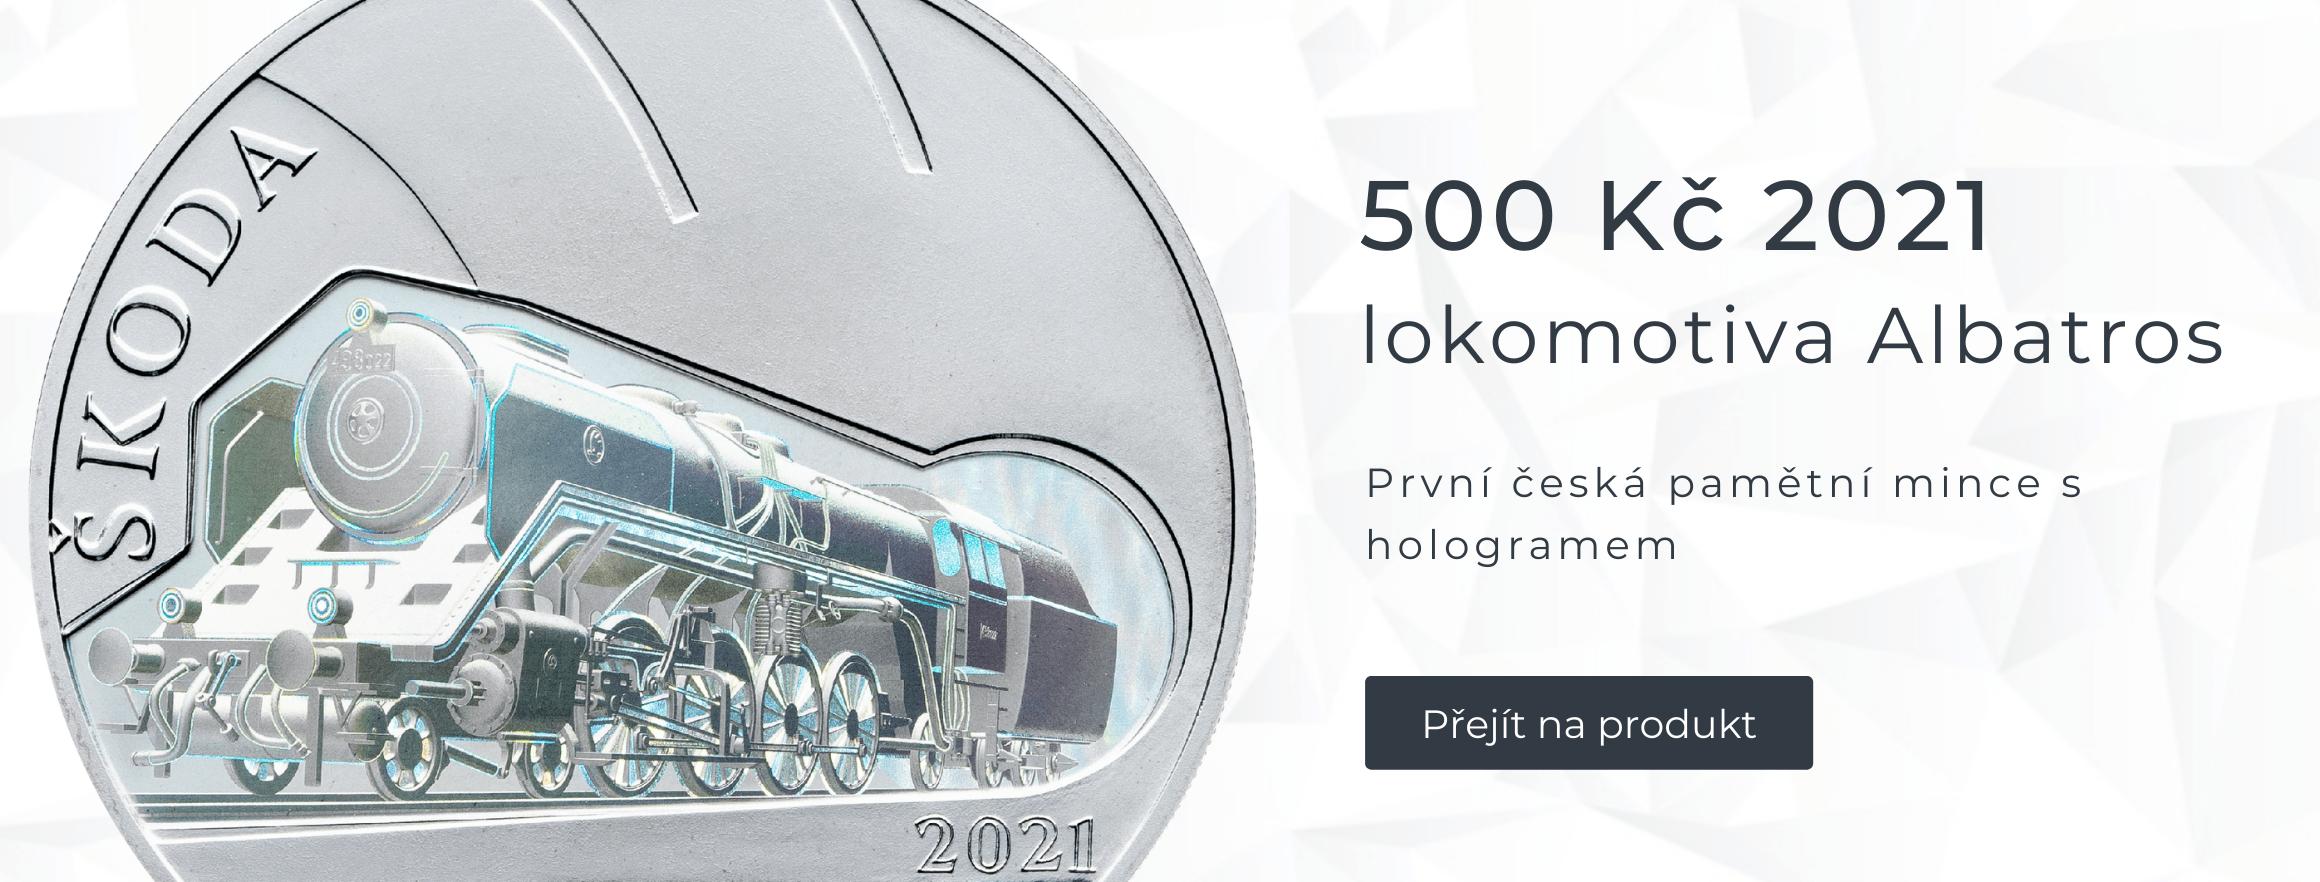 Stříbrná mince 500 Kč 2021 Parní lokomotiva Škoda 498 Albatros